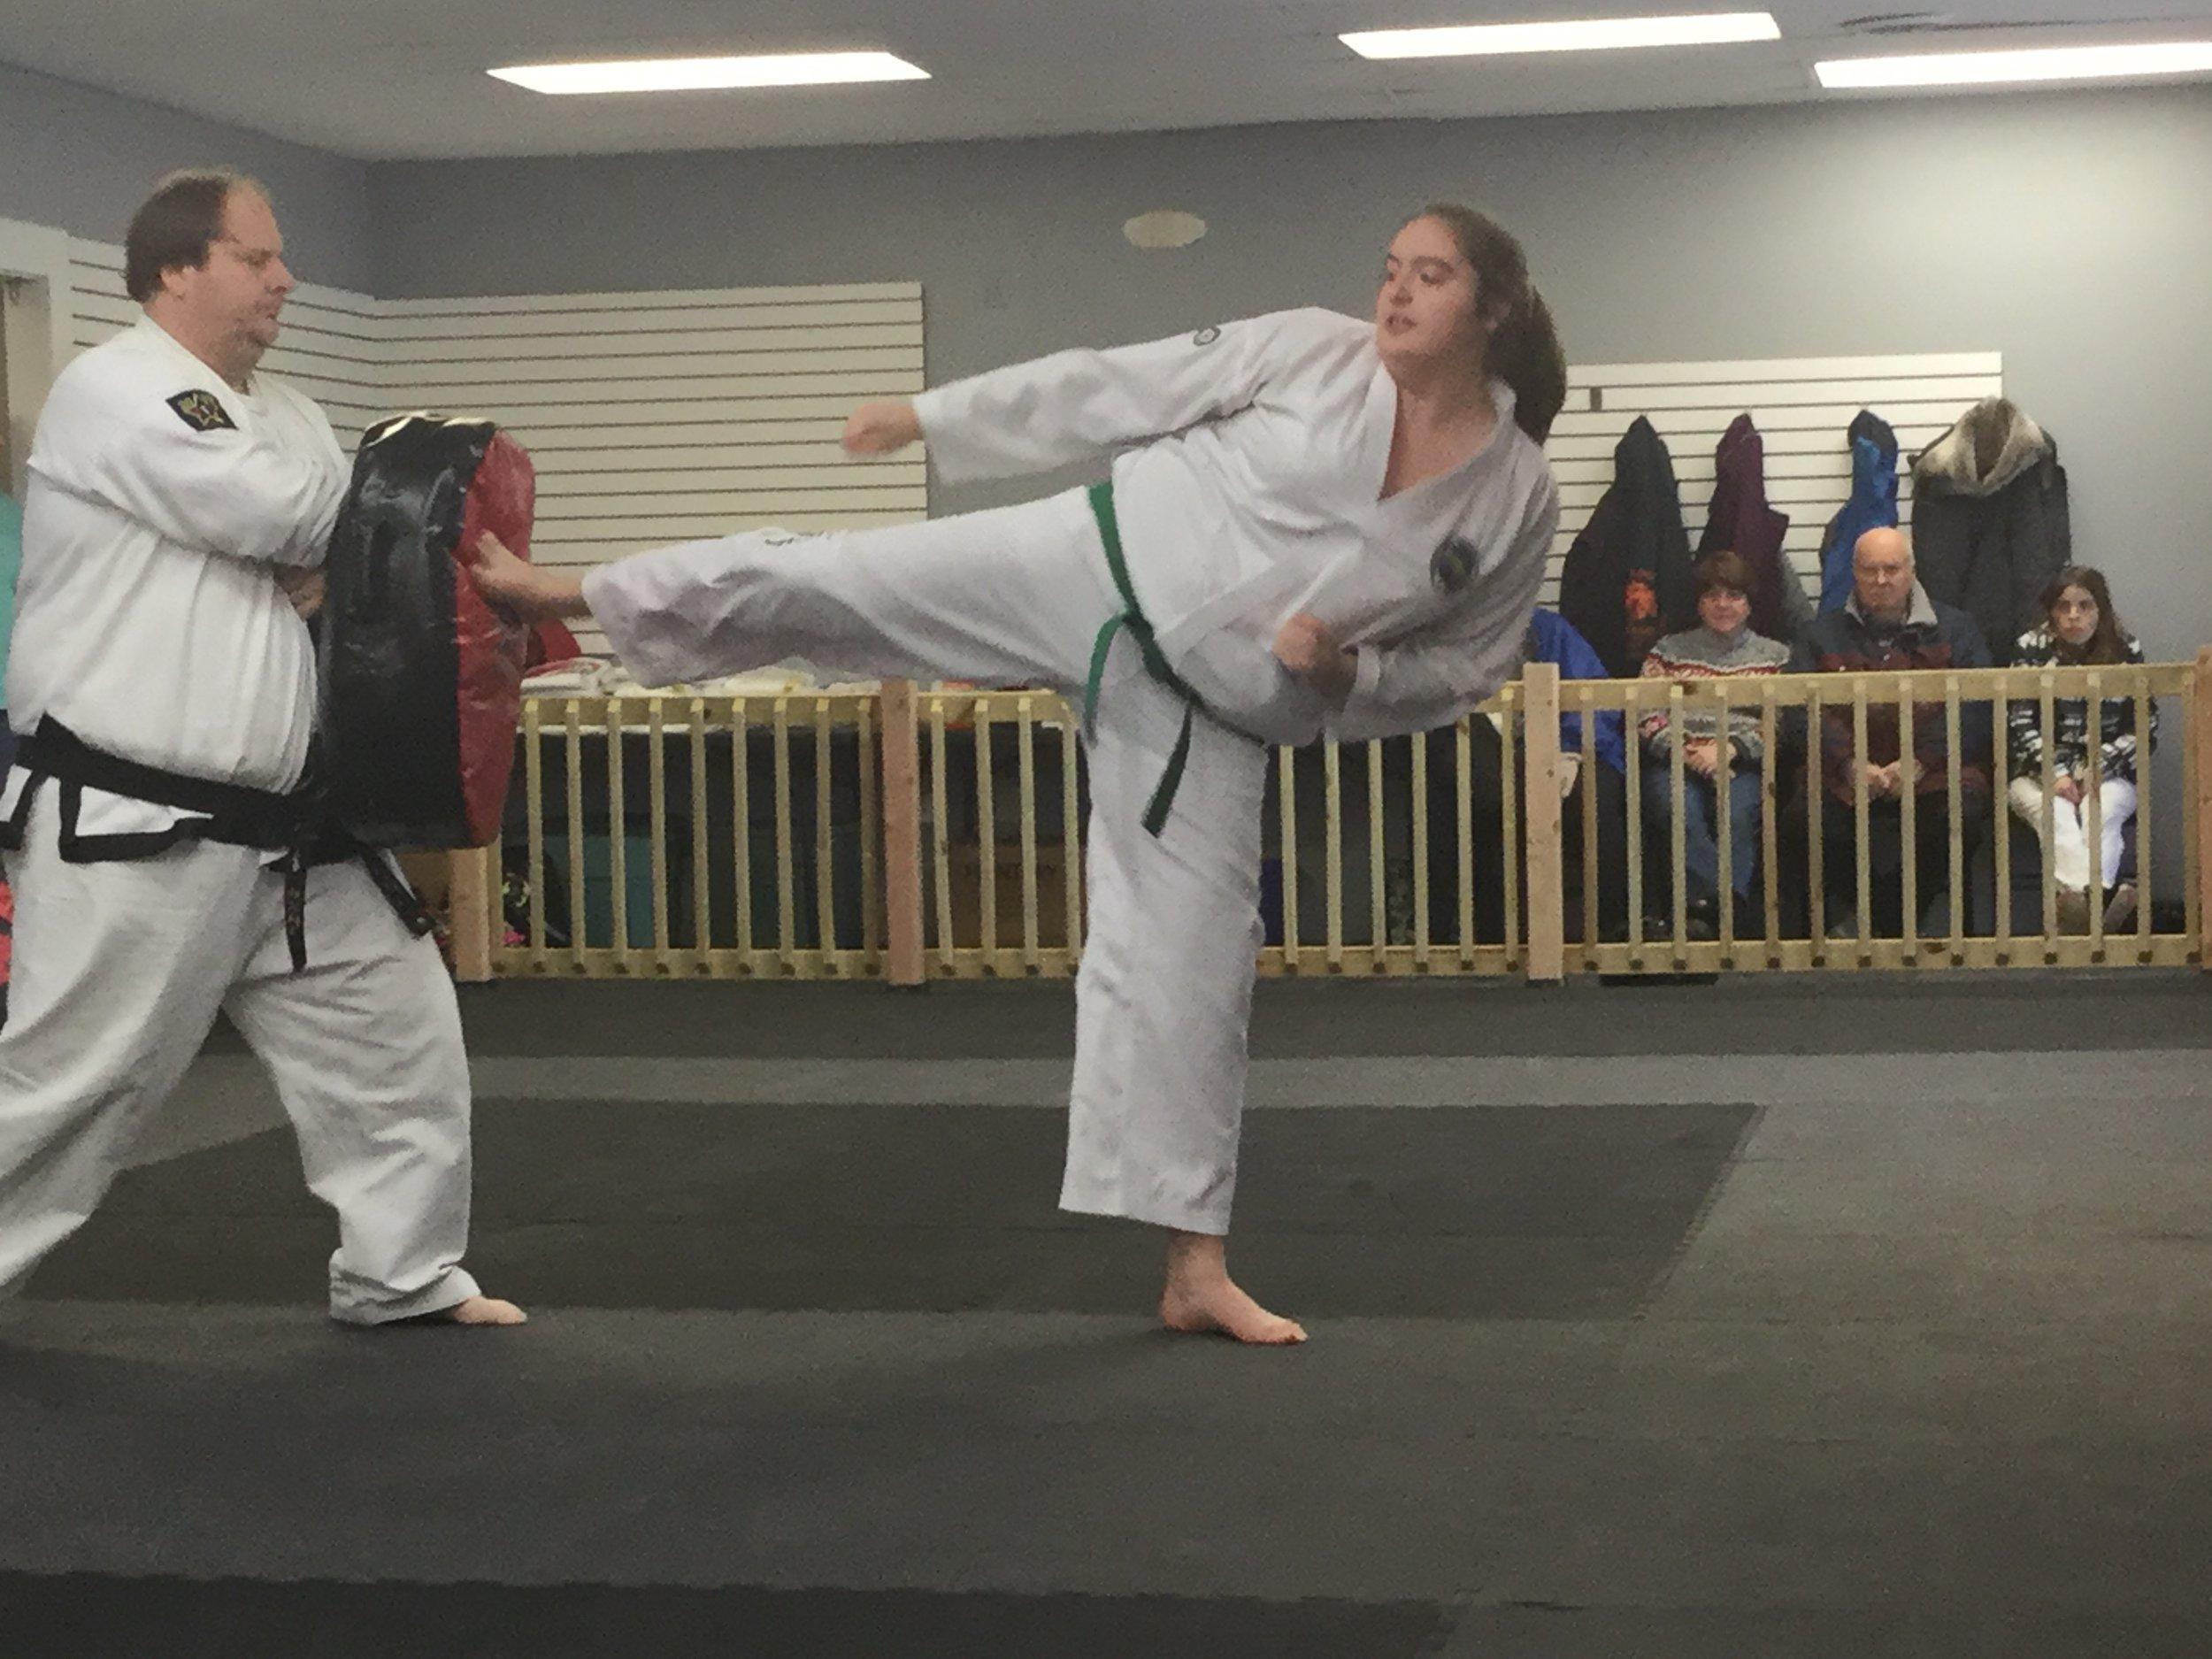 High Kicks Dojang